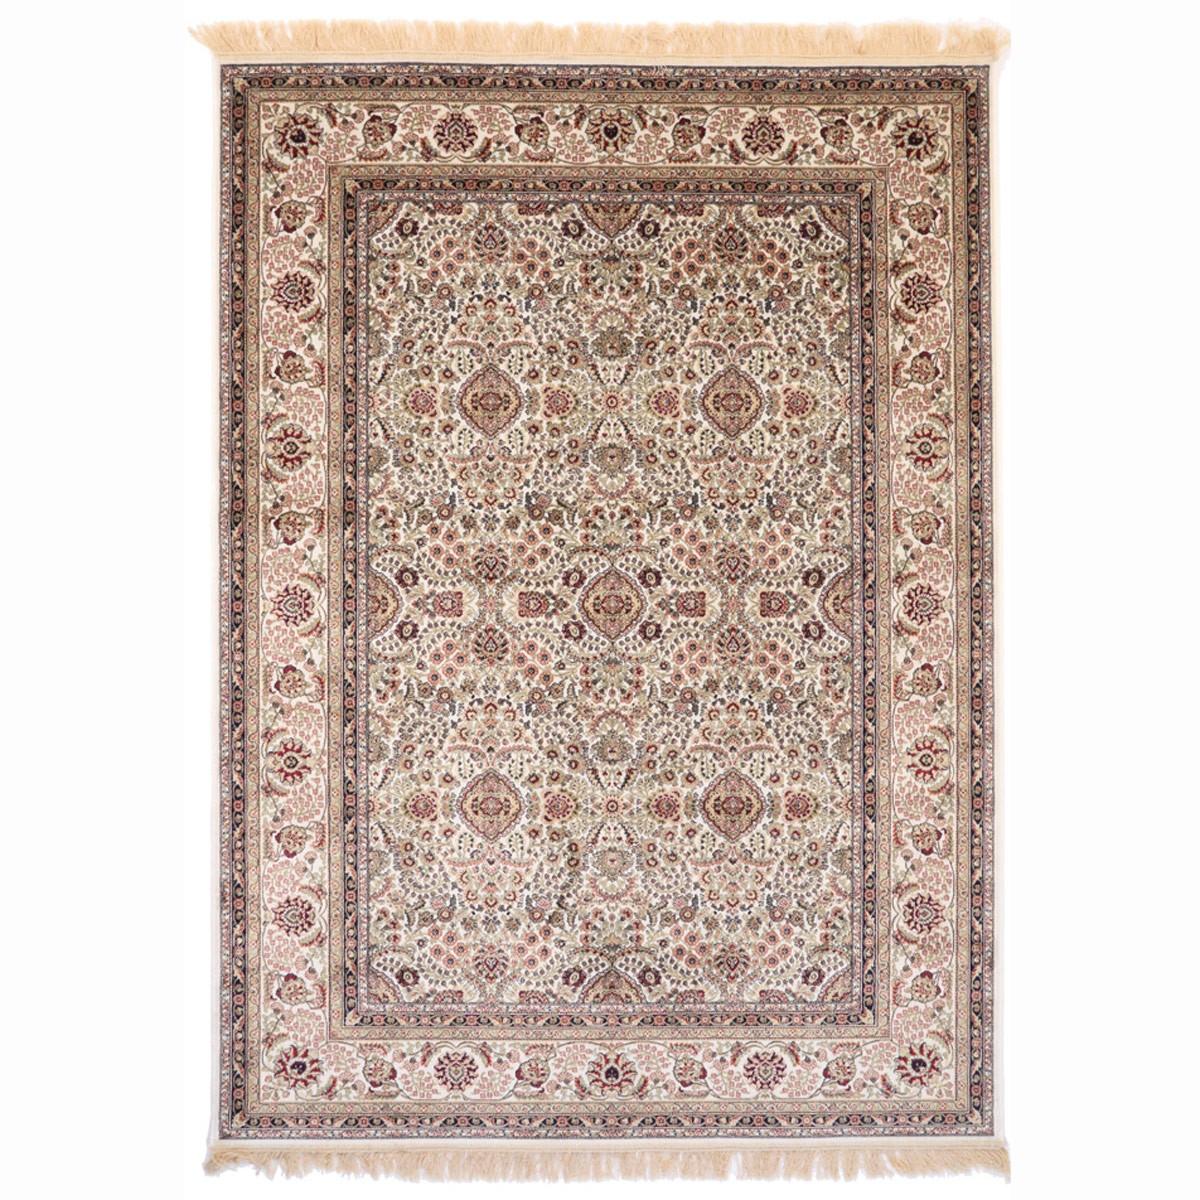 Καλοκαιρινό Χαλί (100x140) Royal Carpets Rubine 476 Ivory